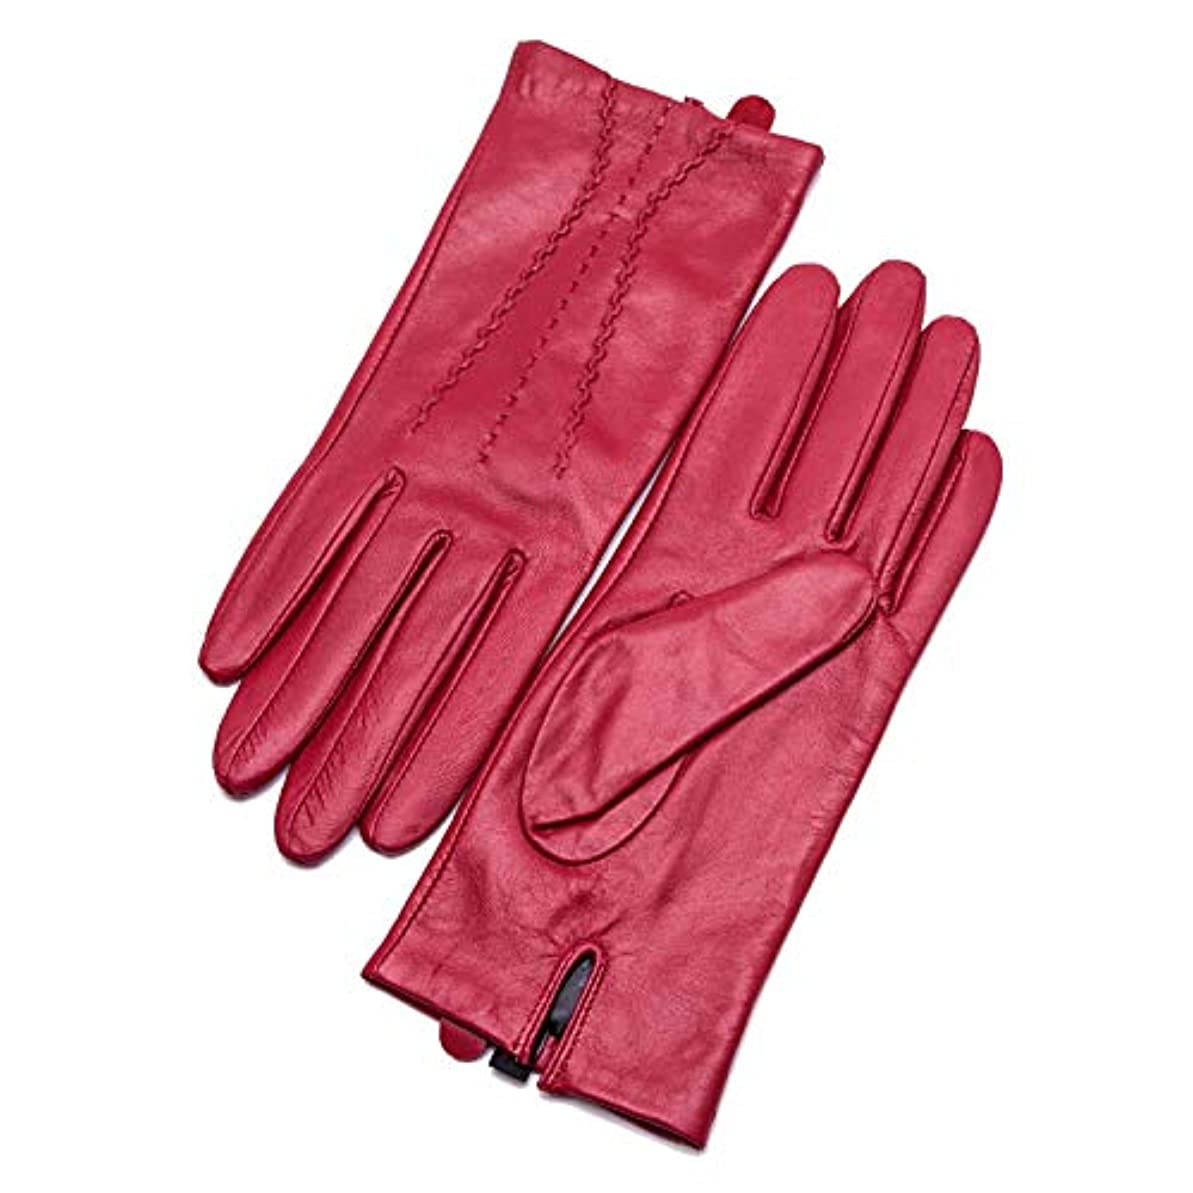 皮肉印象的な男らしさBAJIMI 手袋 グローブ レディース/メンズ ハンド ケア レザーグローブレディース薄手ライディングウィンドグローブ 裏起毛 おしゃれ 手触りが良い 運転 耐磨耗性 換気性